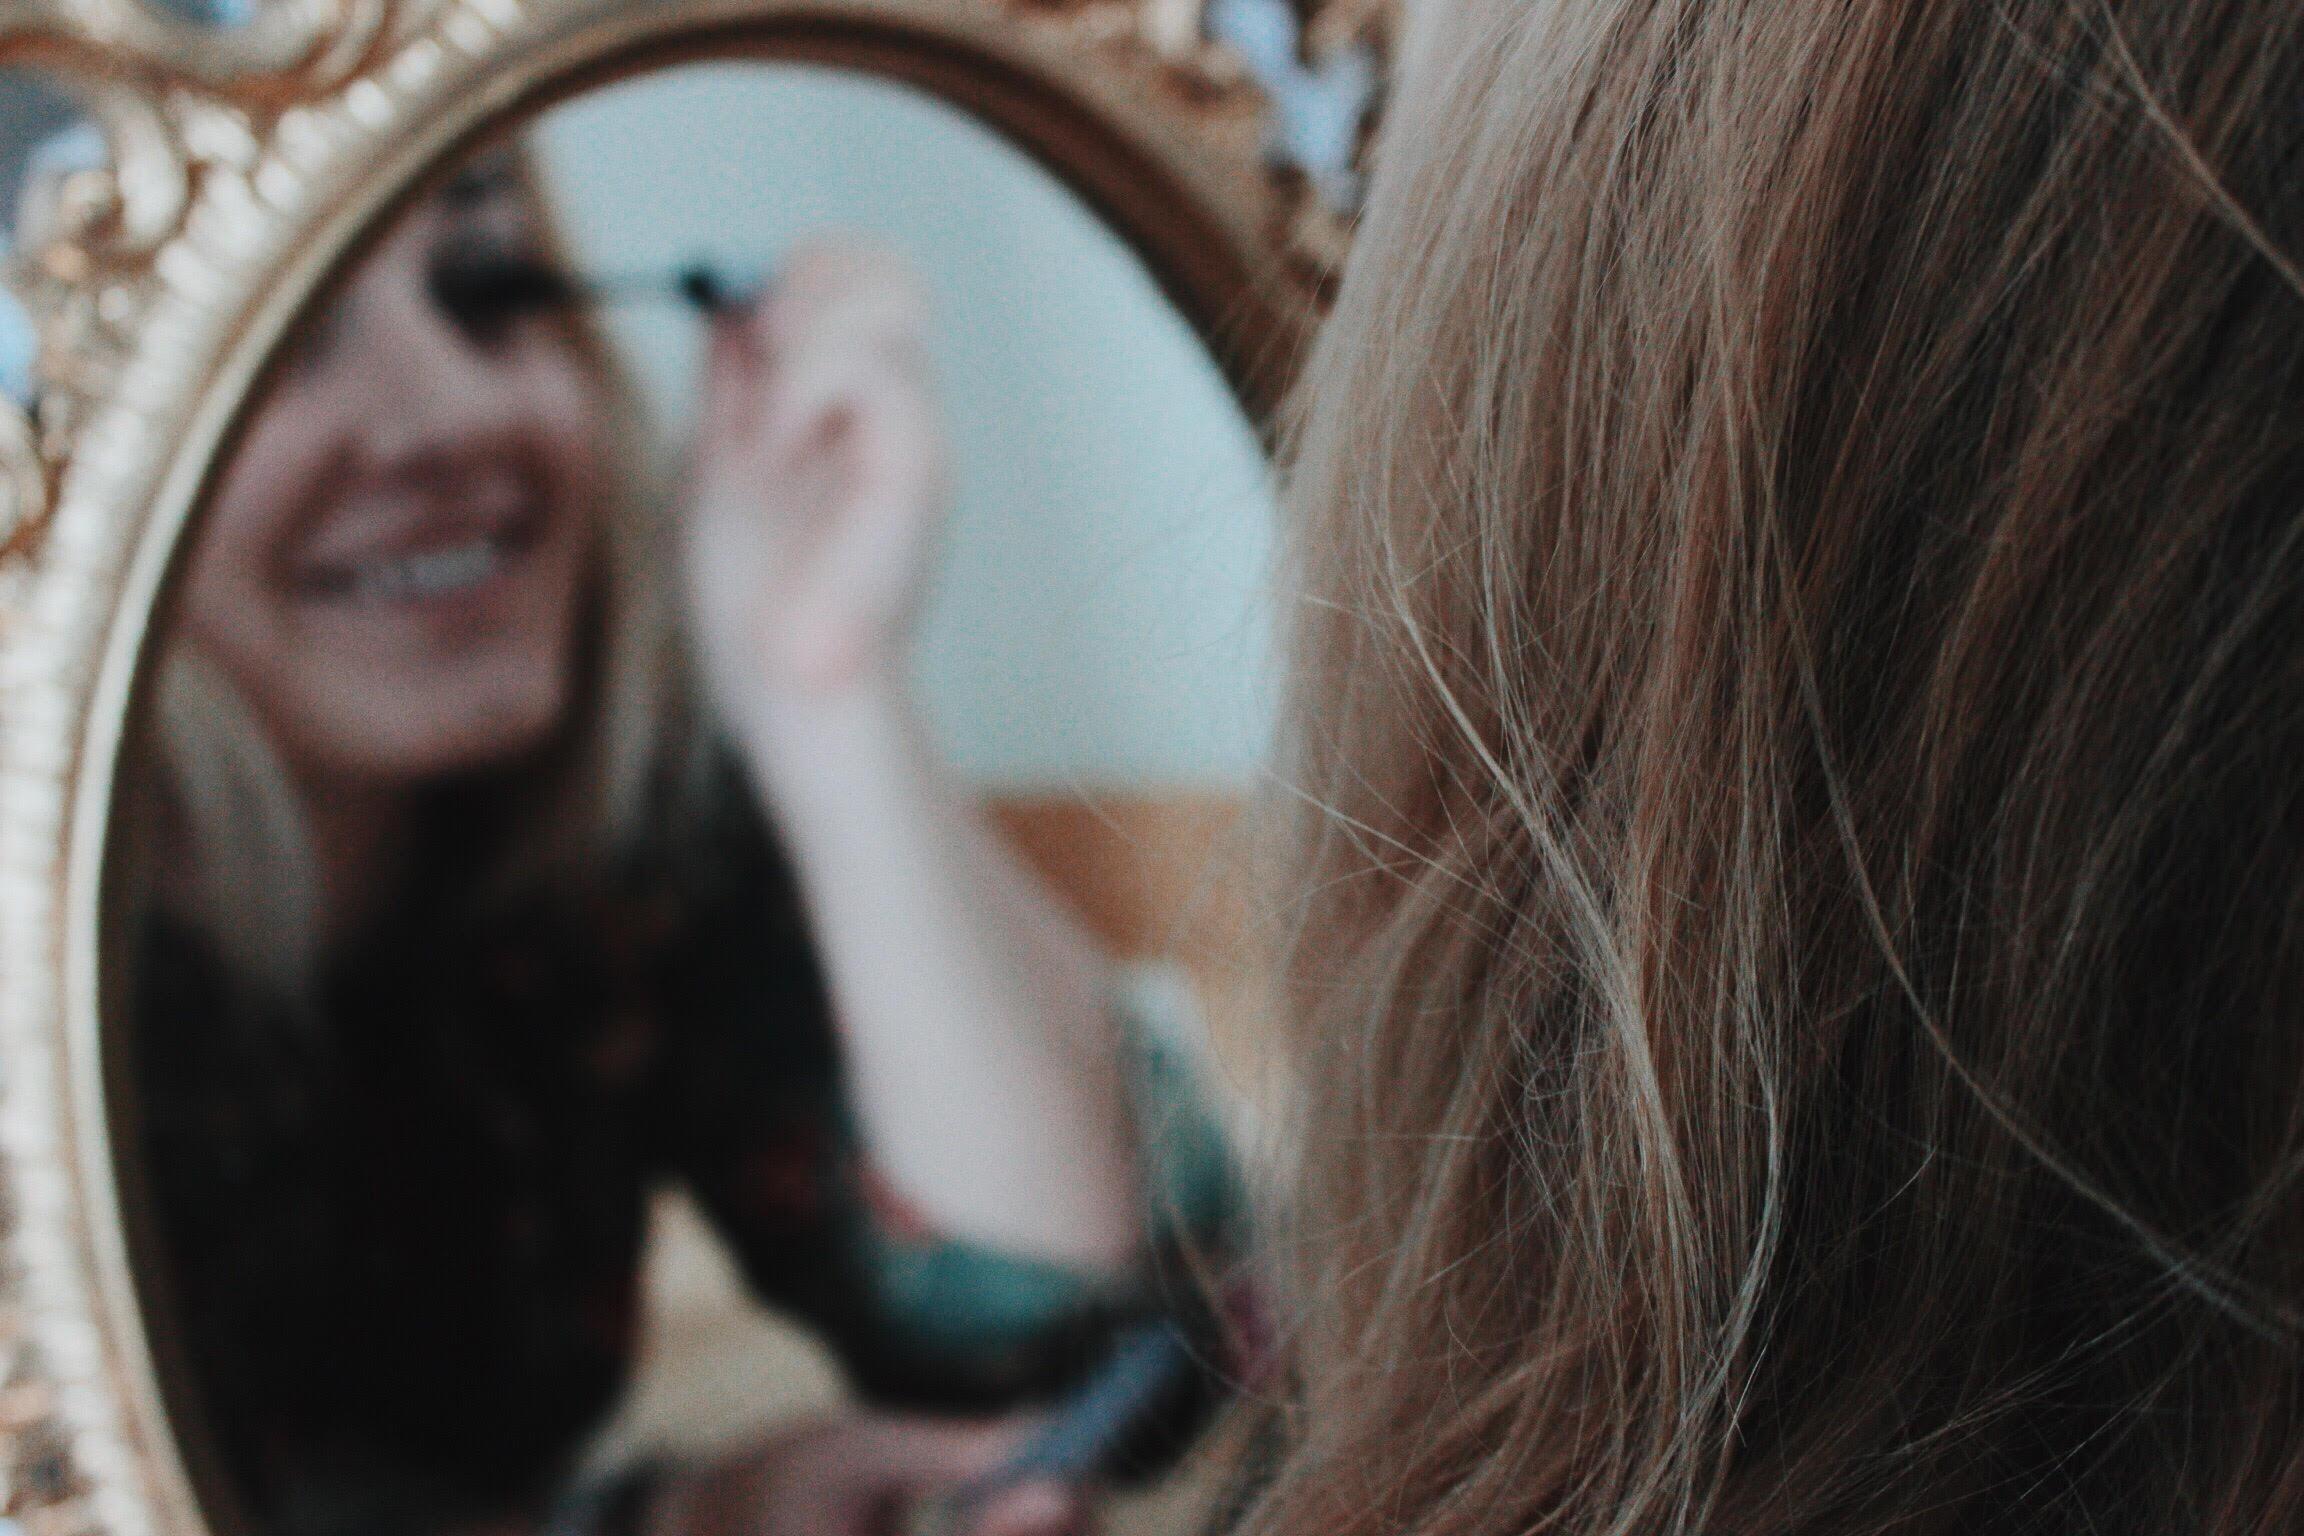 Chelle applying mascara like a pro